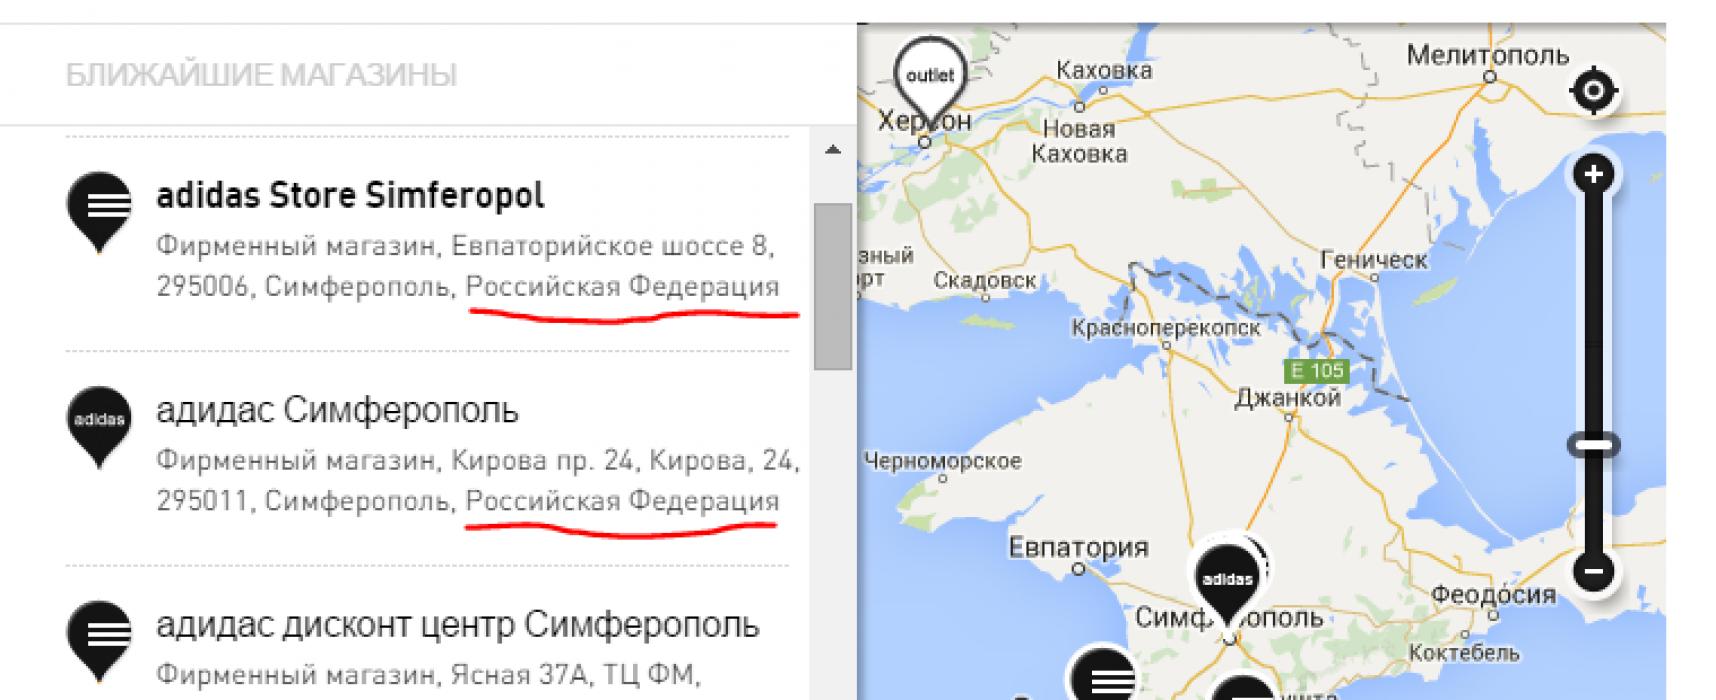 Przedstawiciele Adidasa w Federacji Rosyjskiej usunęli ze swej strony internetowej wszelkie informacje o sklepach firmowych na Krymie